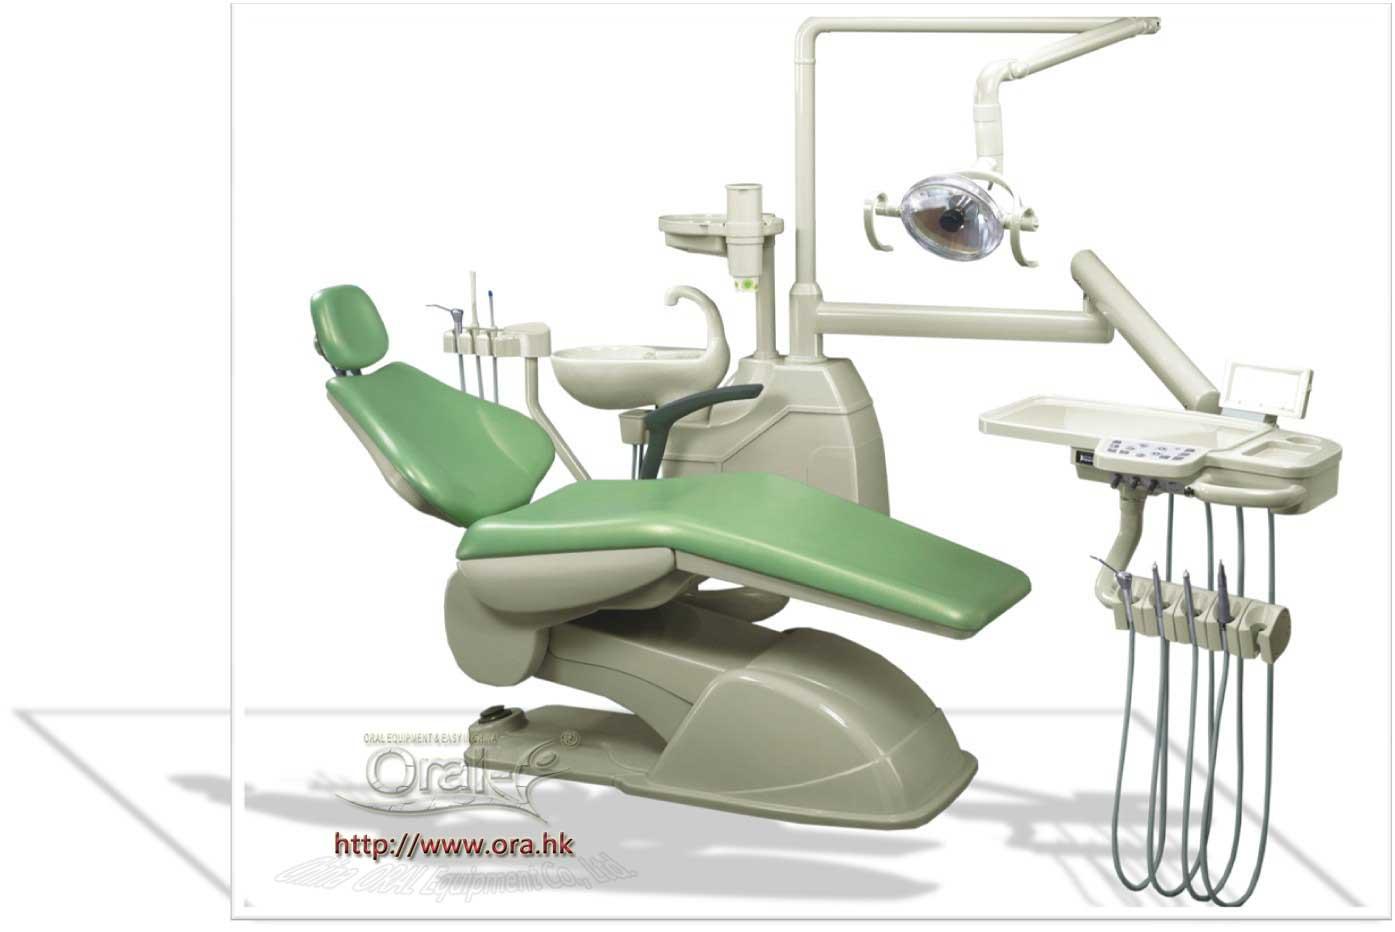 Kid in dentist chair china dental chair unit